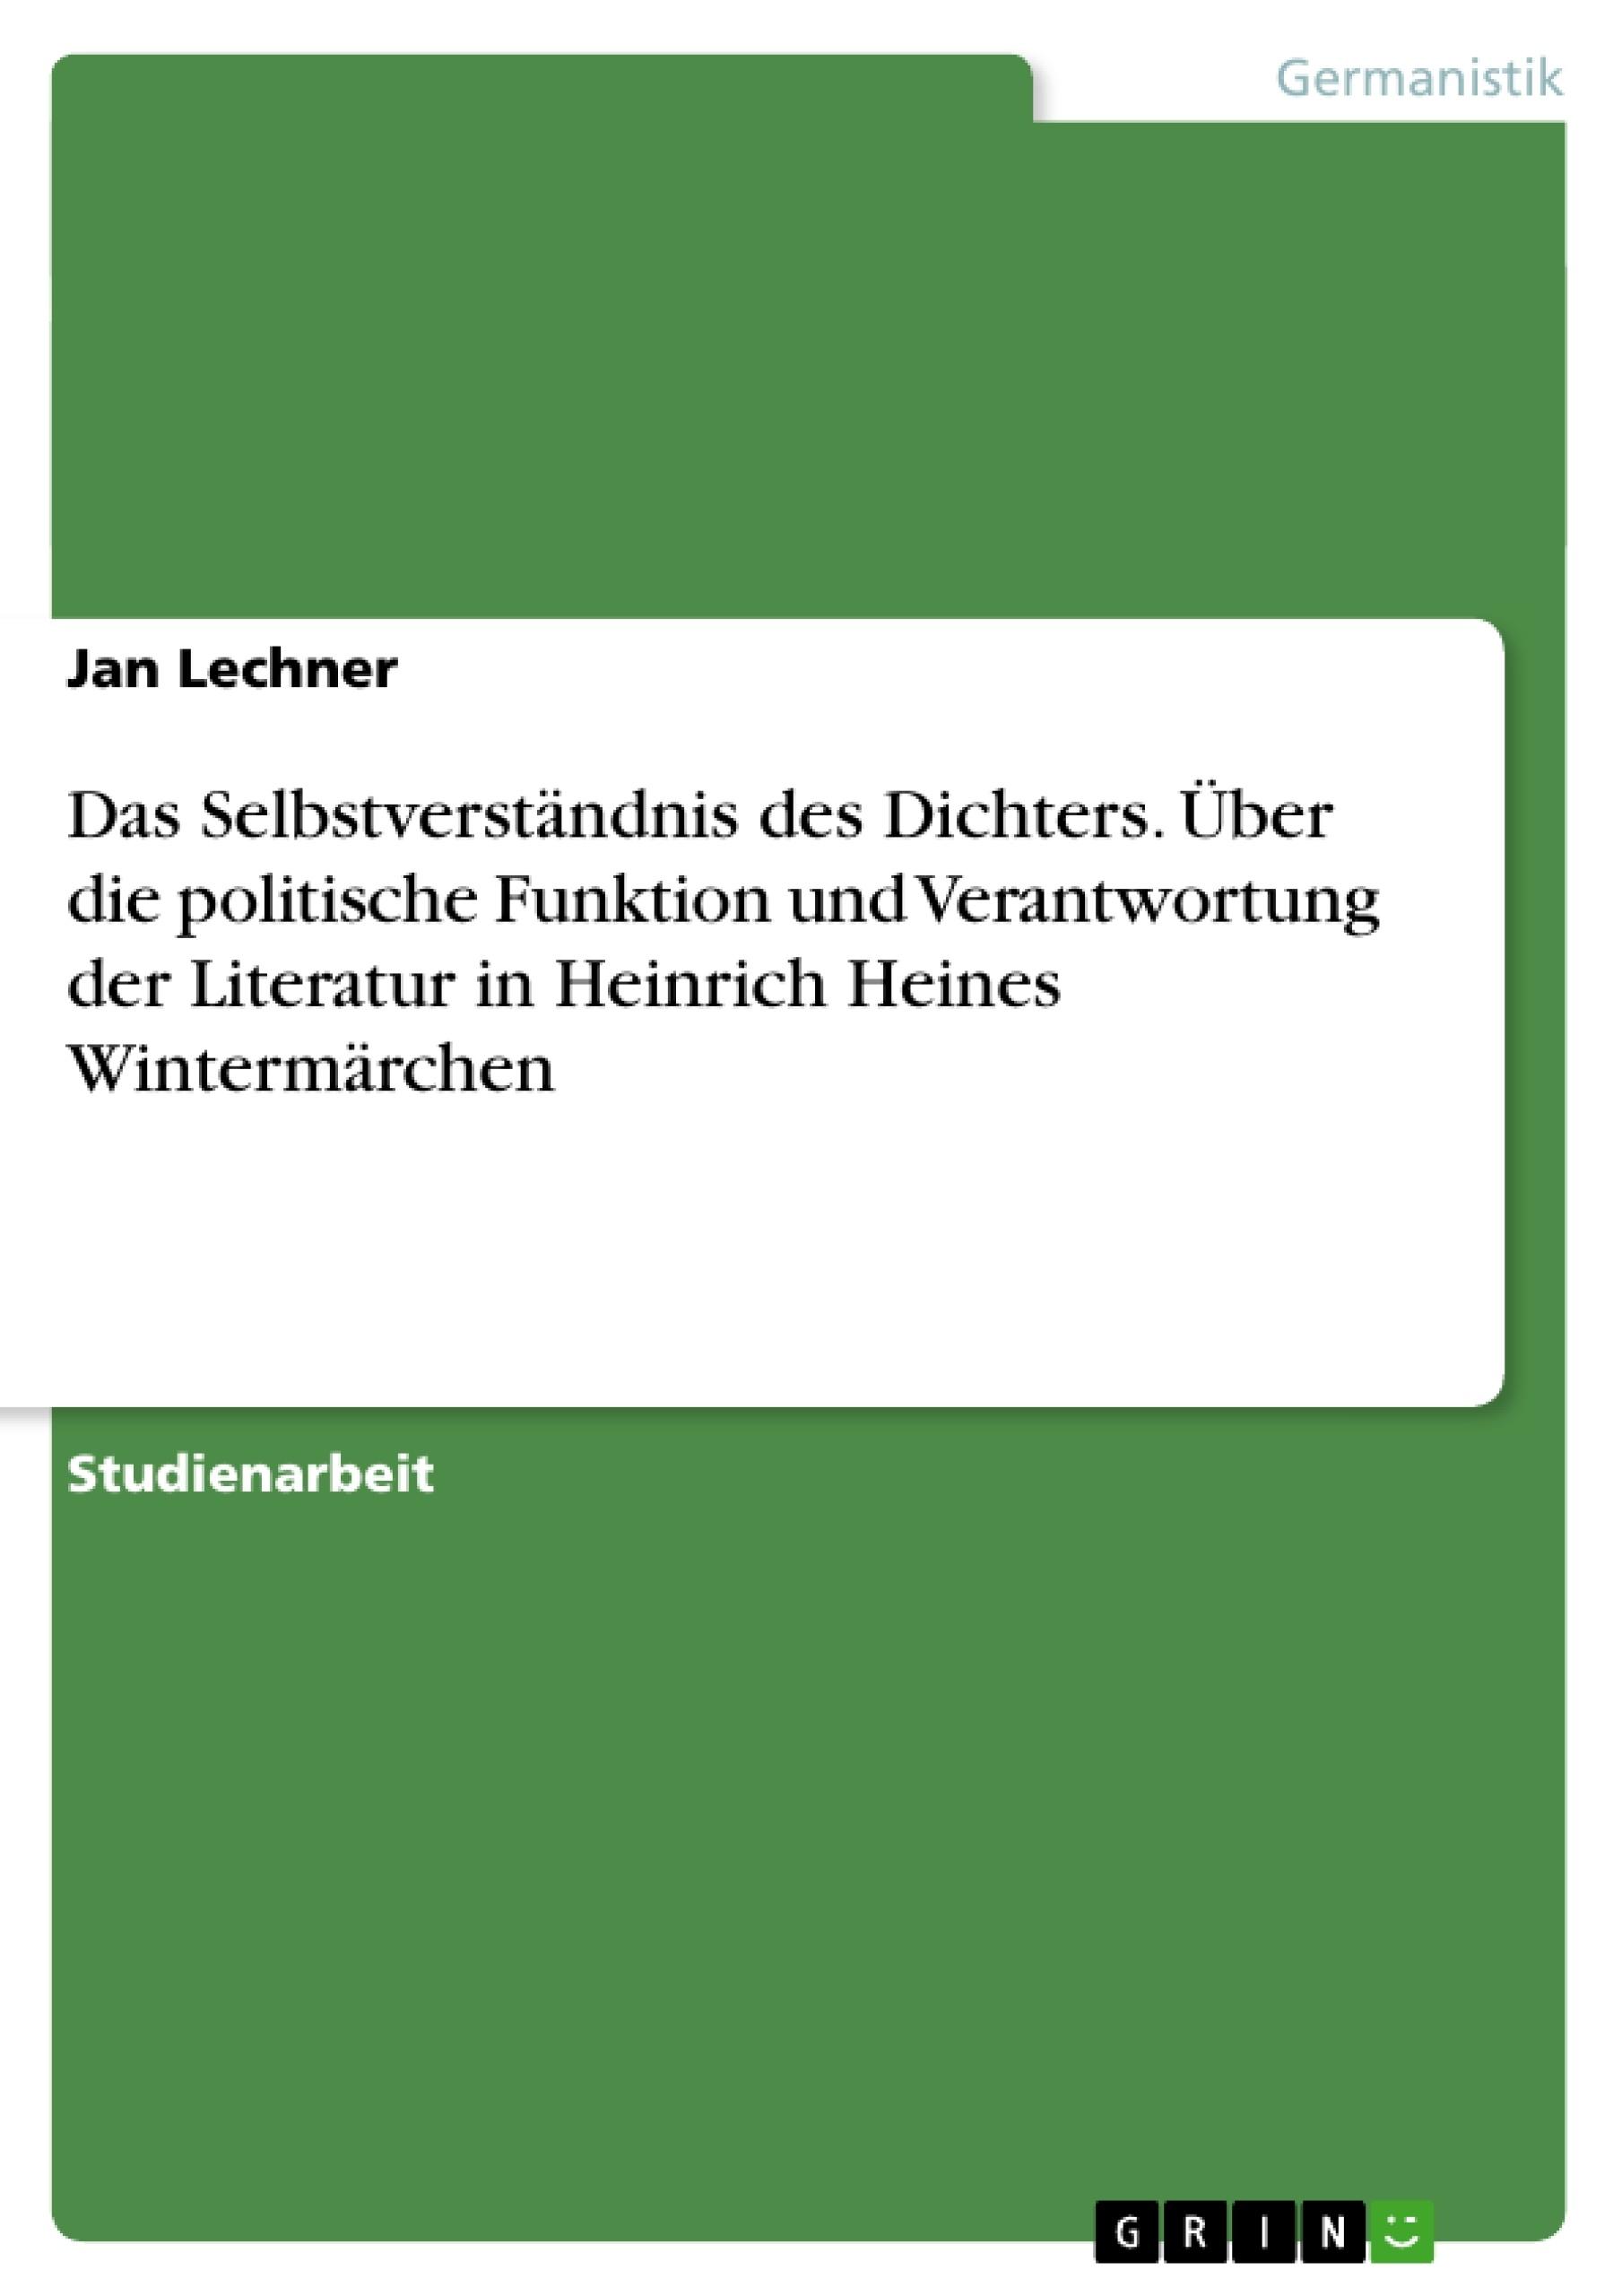 Titel: Das Selbstverständnis des Dichters. Über die politische Funktion und Verantwortung der Literatur in Heinrich Heines Wintermärchen